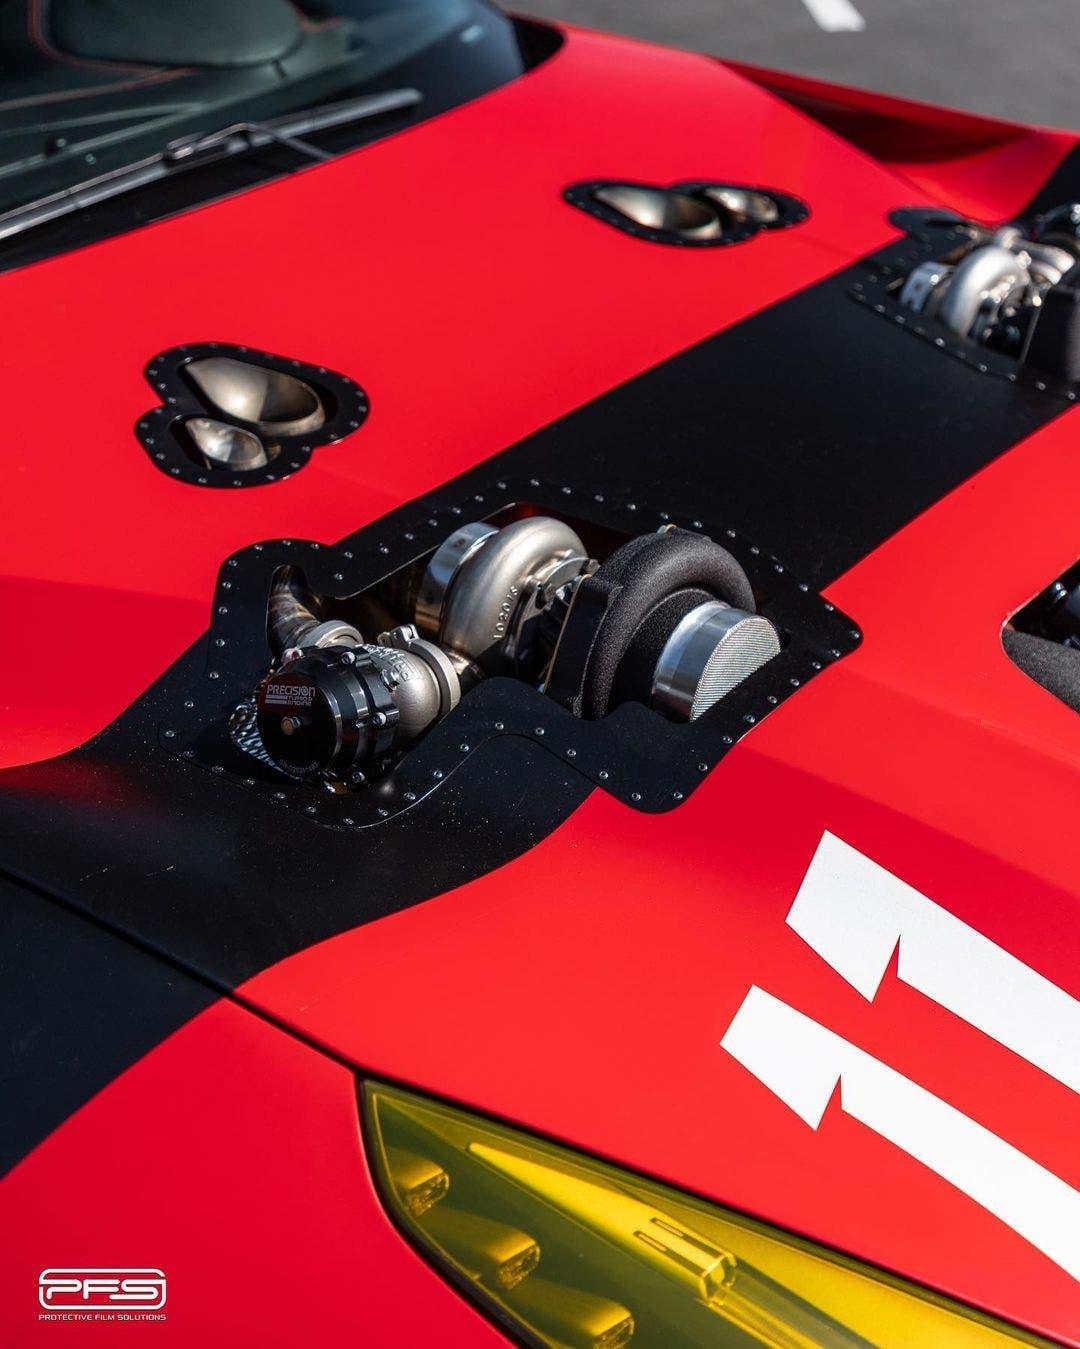 Ferrari F12berlinetta biturbo